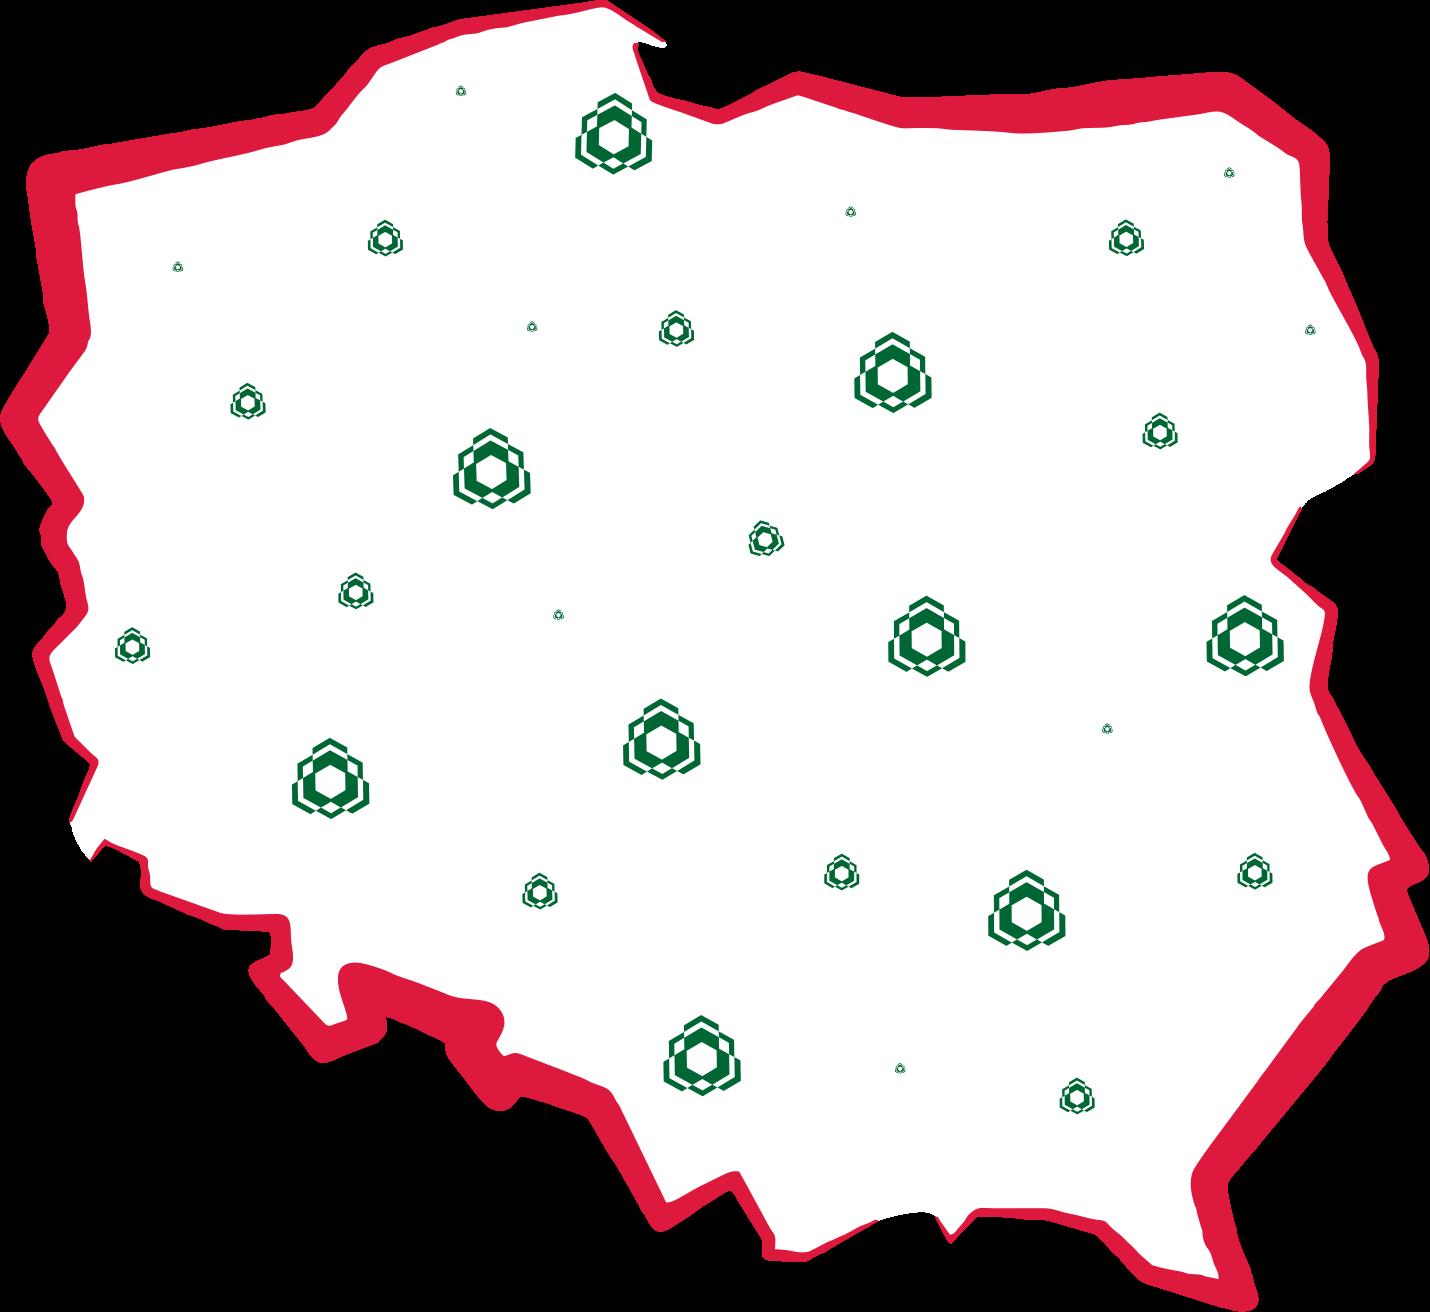 SKOK-i to siła polskiego kapitału oferującego nowoczesne produkty finansowe, między innymi: